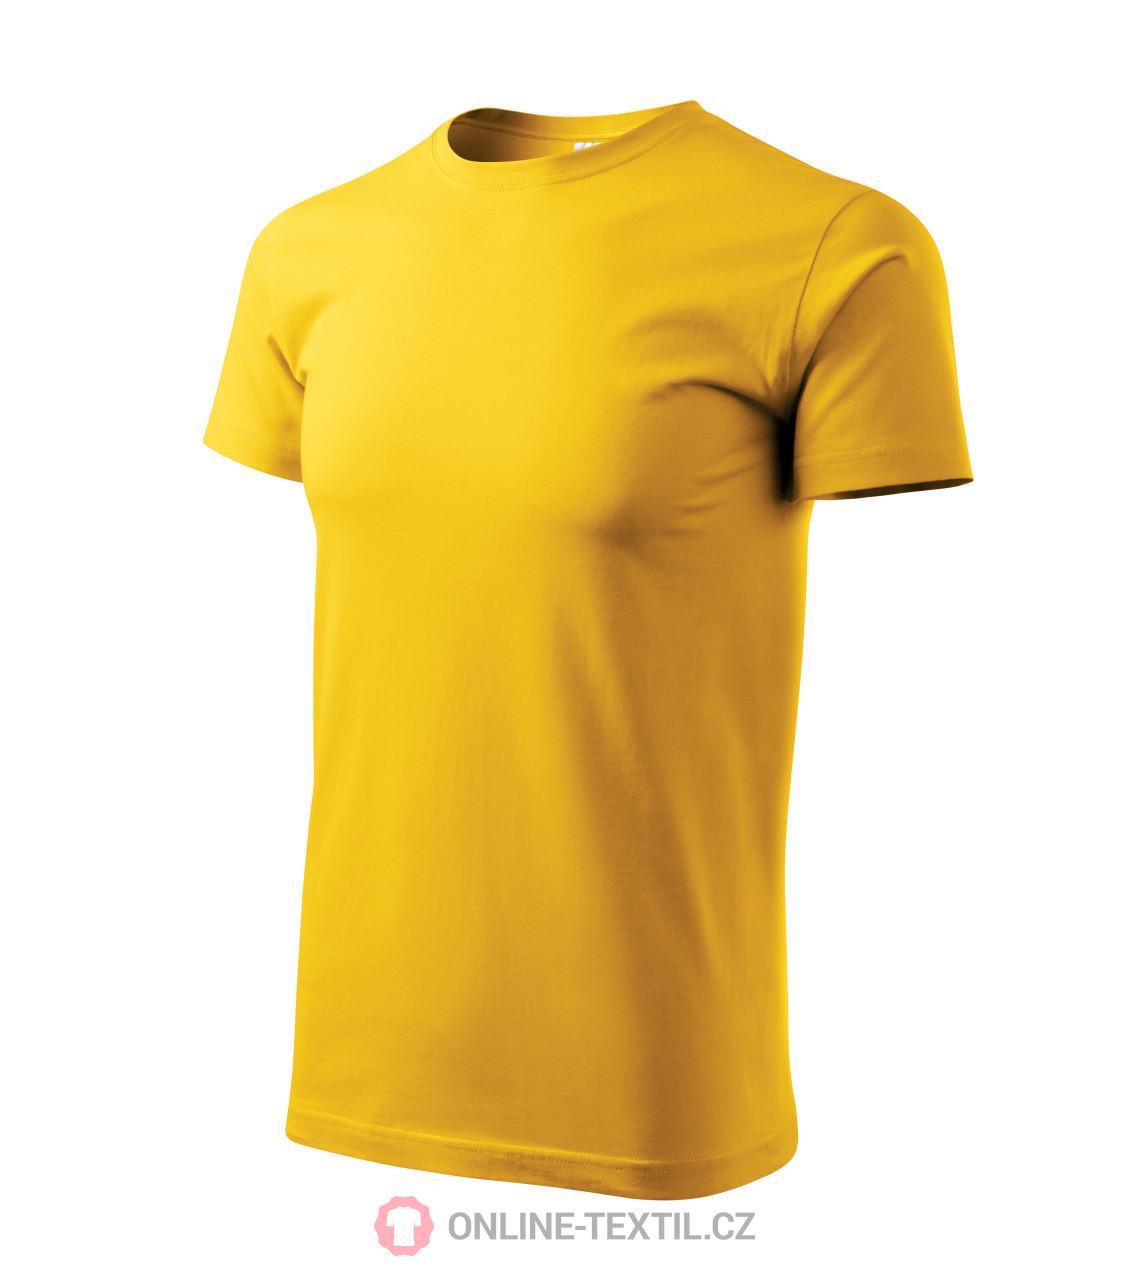 a26e5f3e1a74 ADLER CZECH Tričko pánské Basic 129 - žlutá z kolekce MALFINI ...